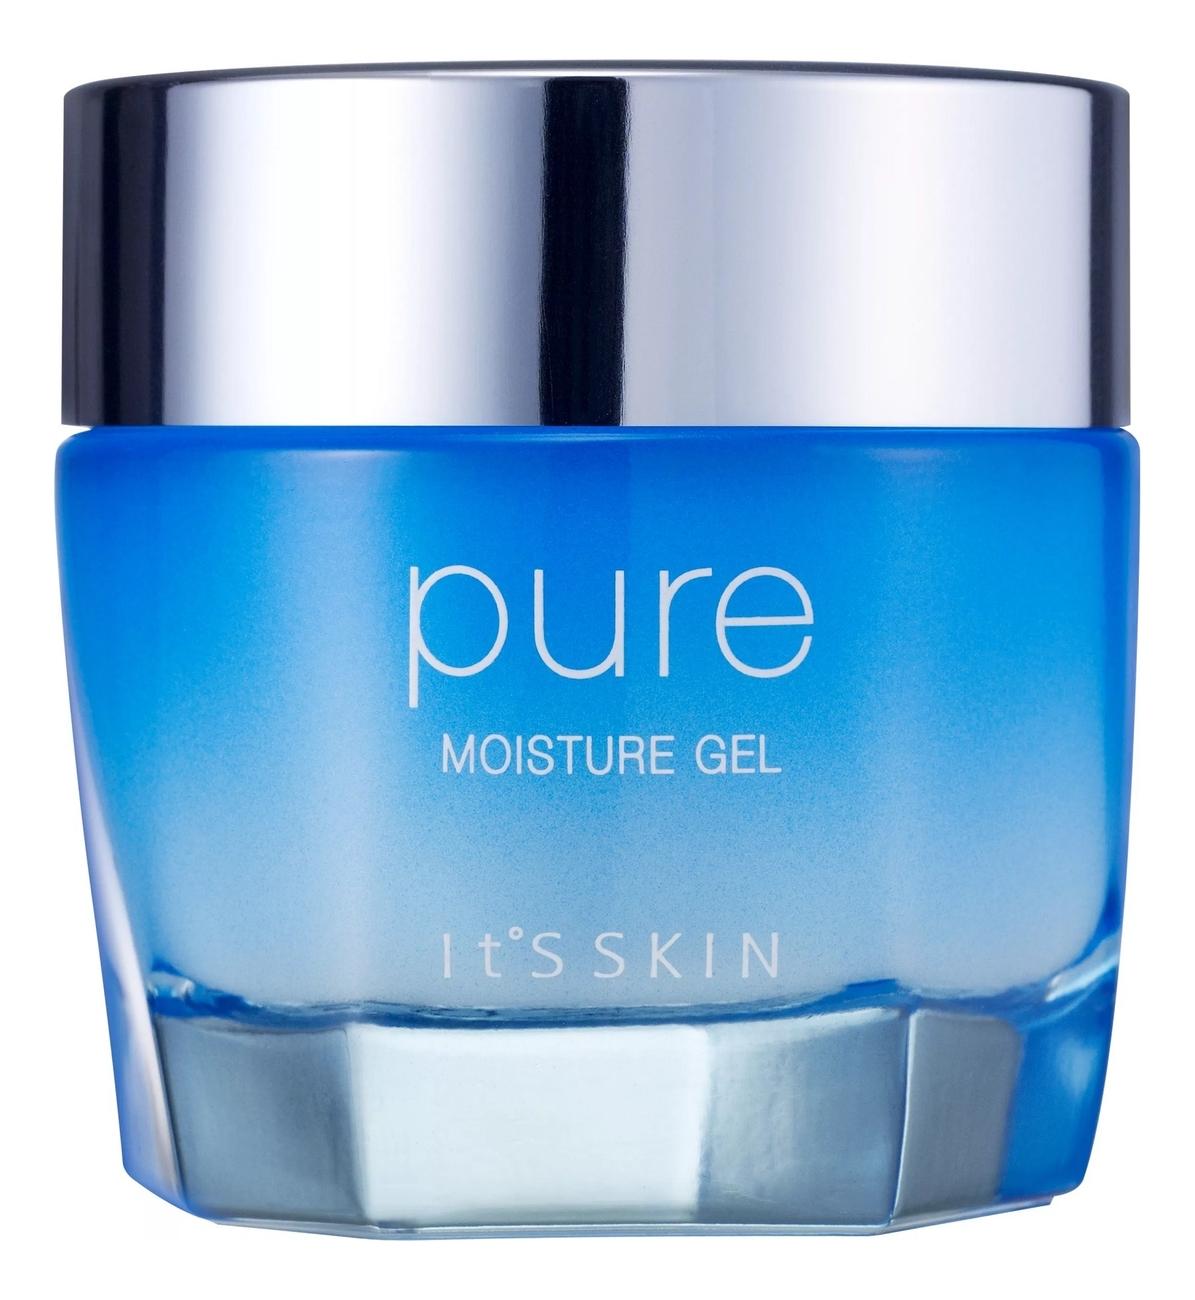 Купить Легкий гель-крем для лица Pure Moisture Gel 100мл, It's Skin